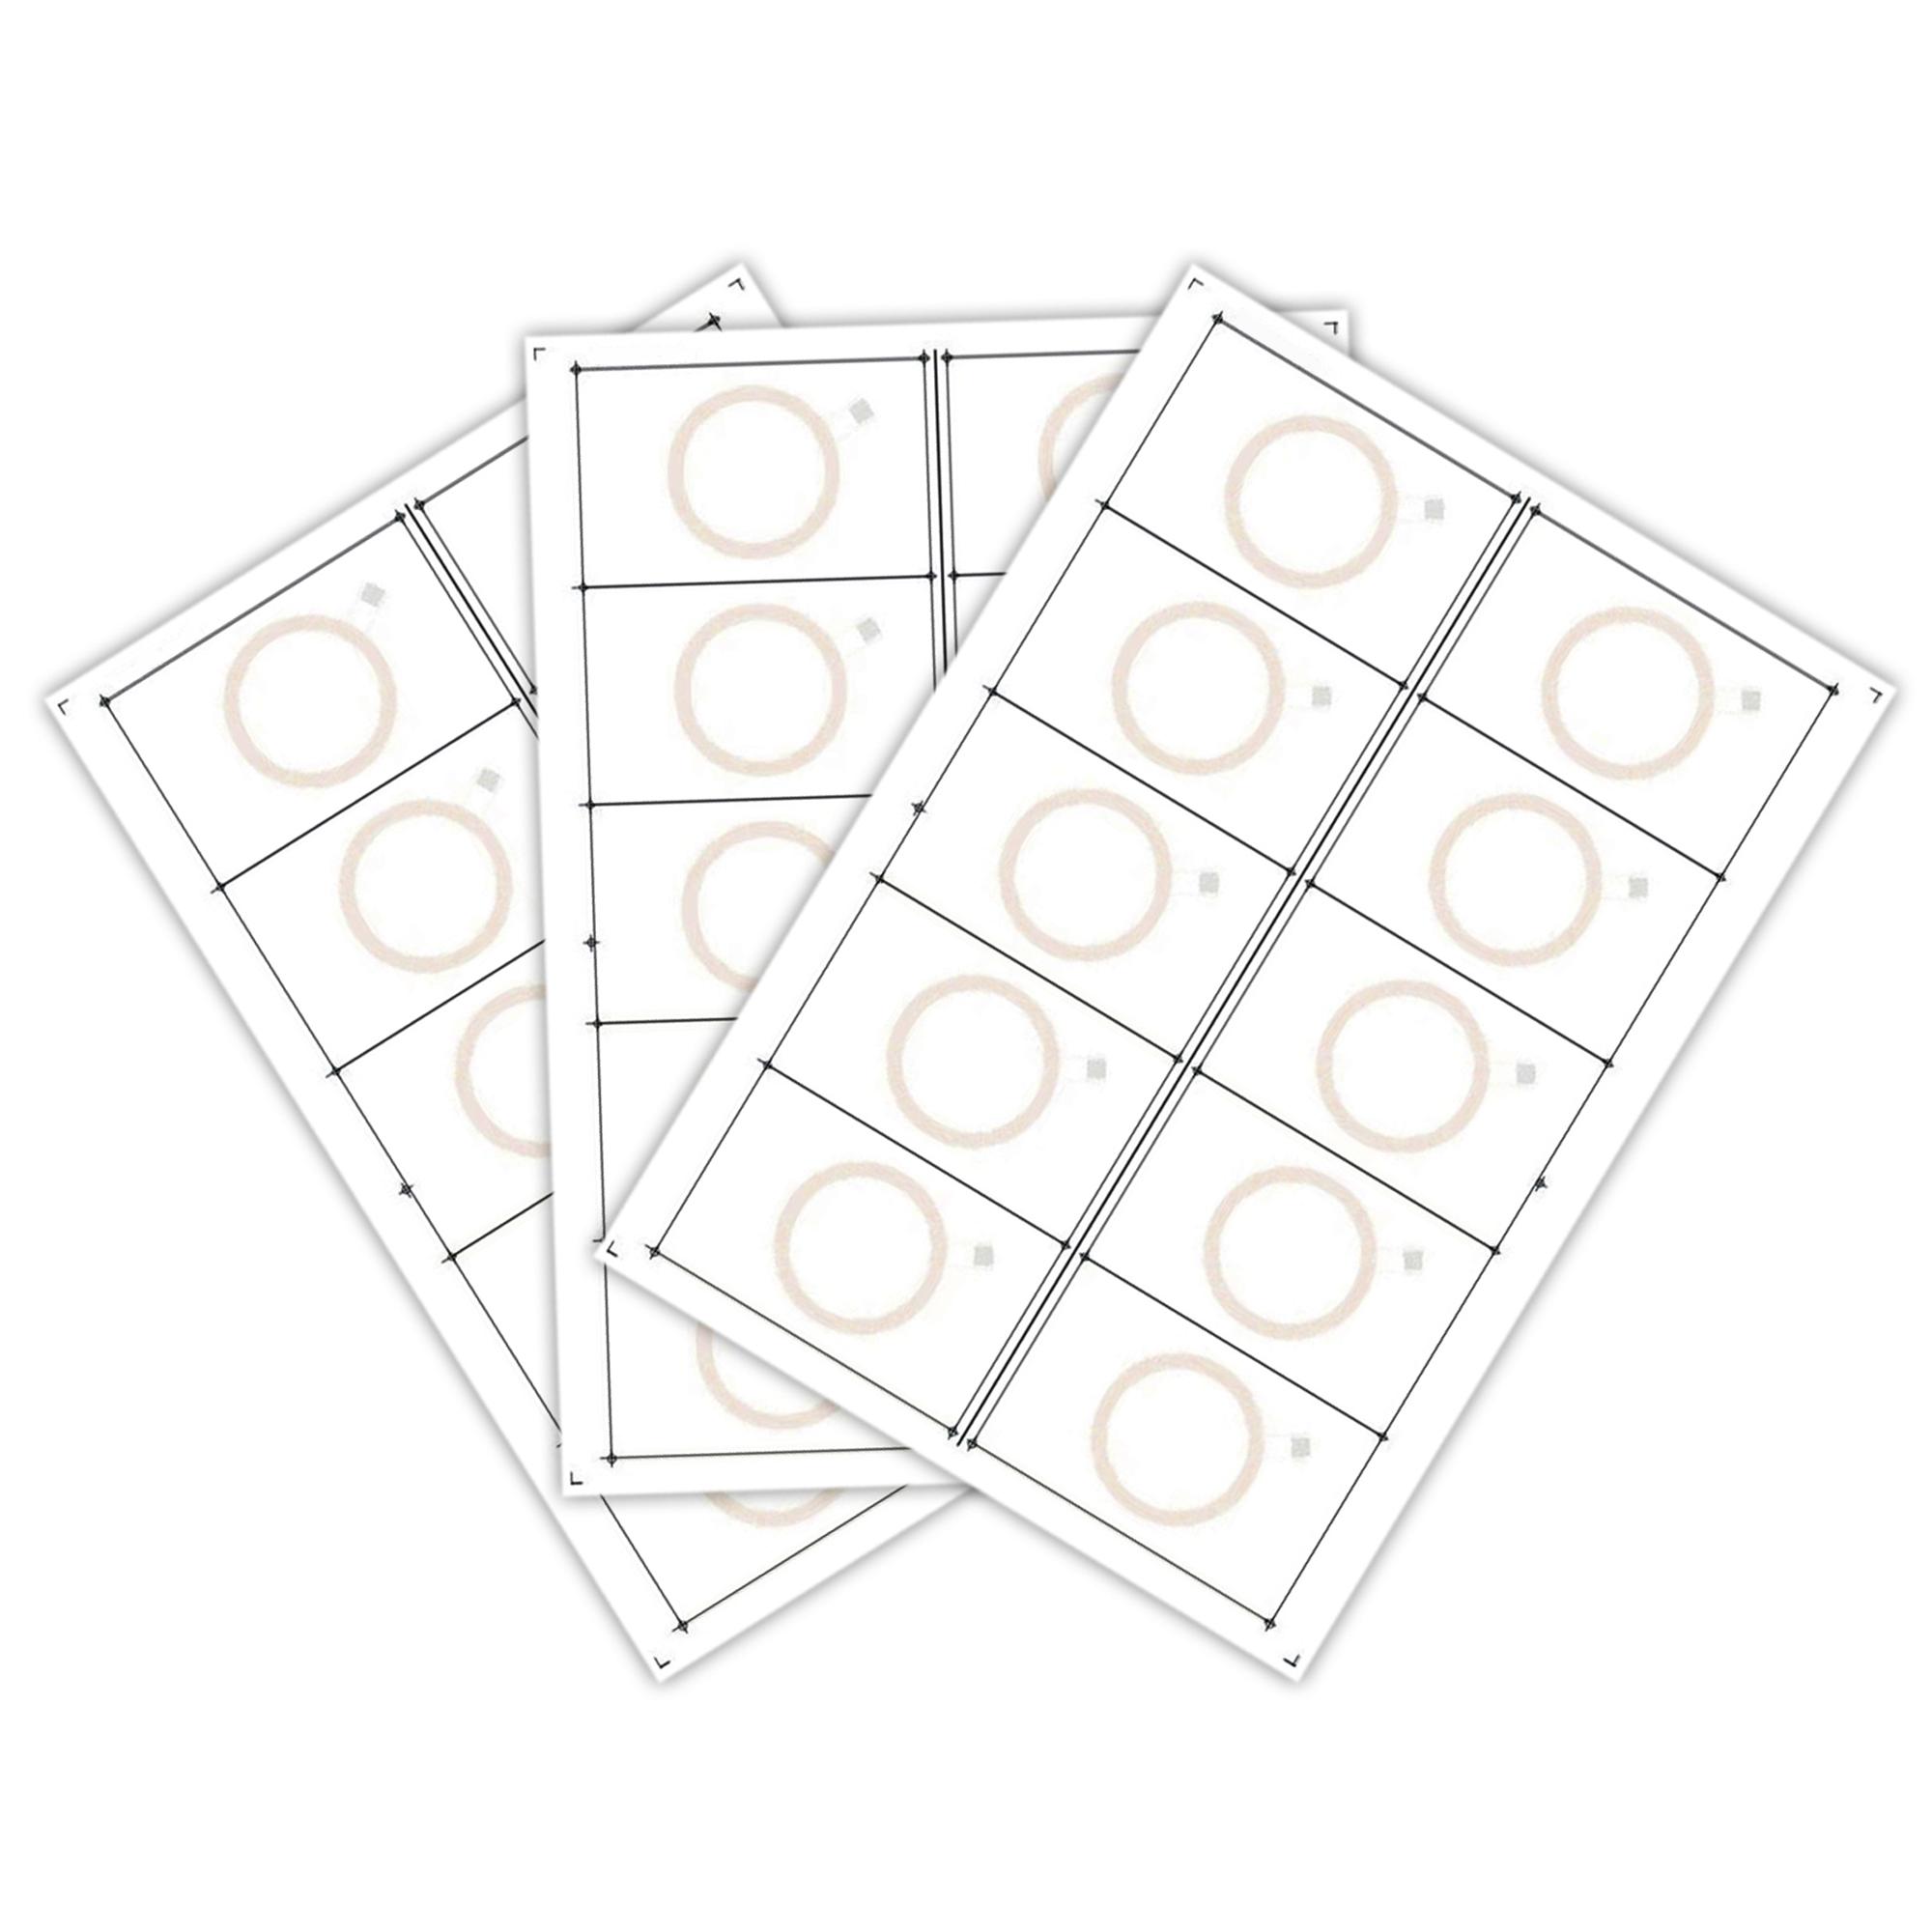 Сырье, инлей для производства бесконтактных пластиковых RFID-карт с чипом Em-Marine (10 чипов на листе формата A4)